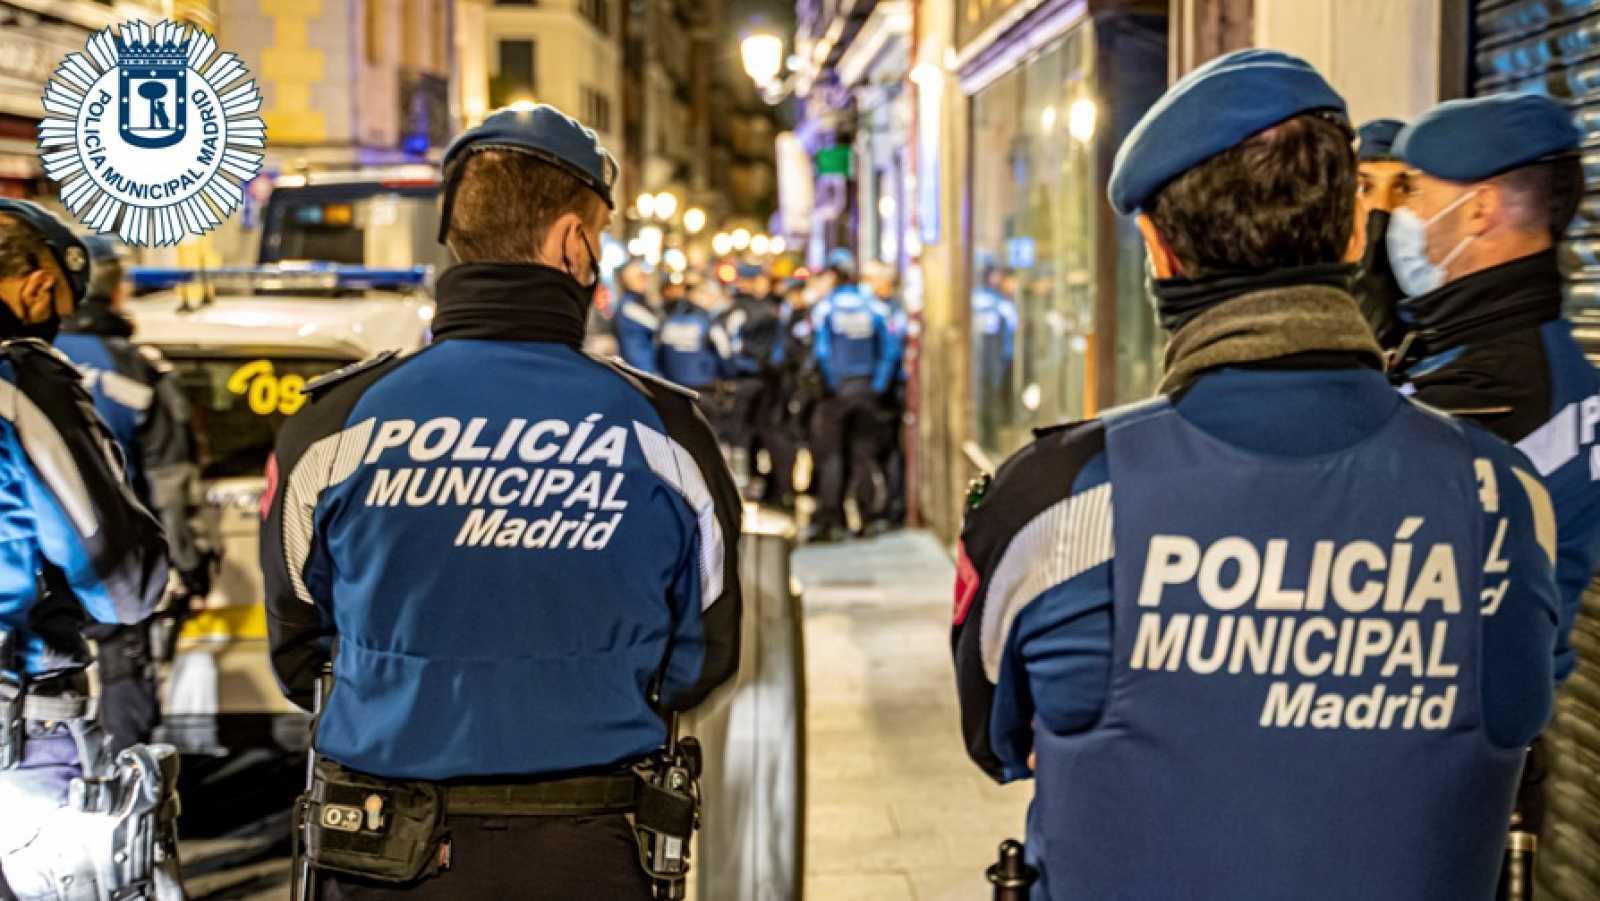 Las fiestas ilegales en Madrid alcanzan este fin de semana el récord de 442